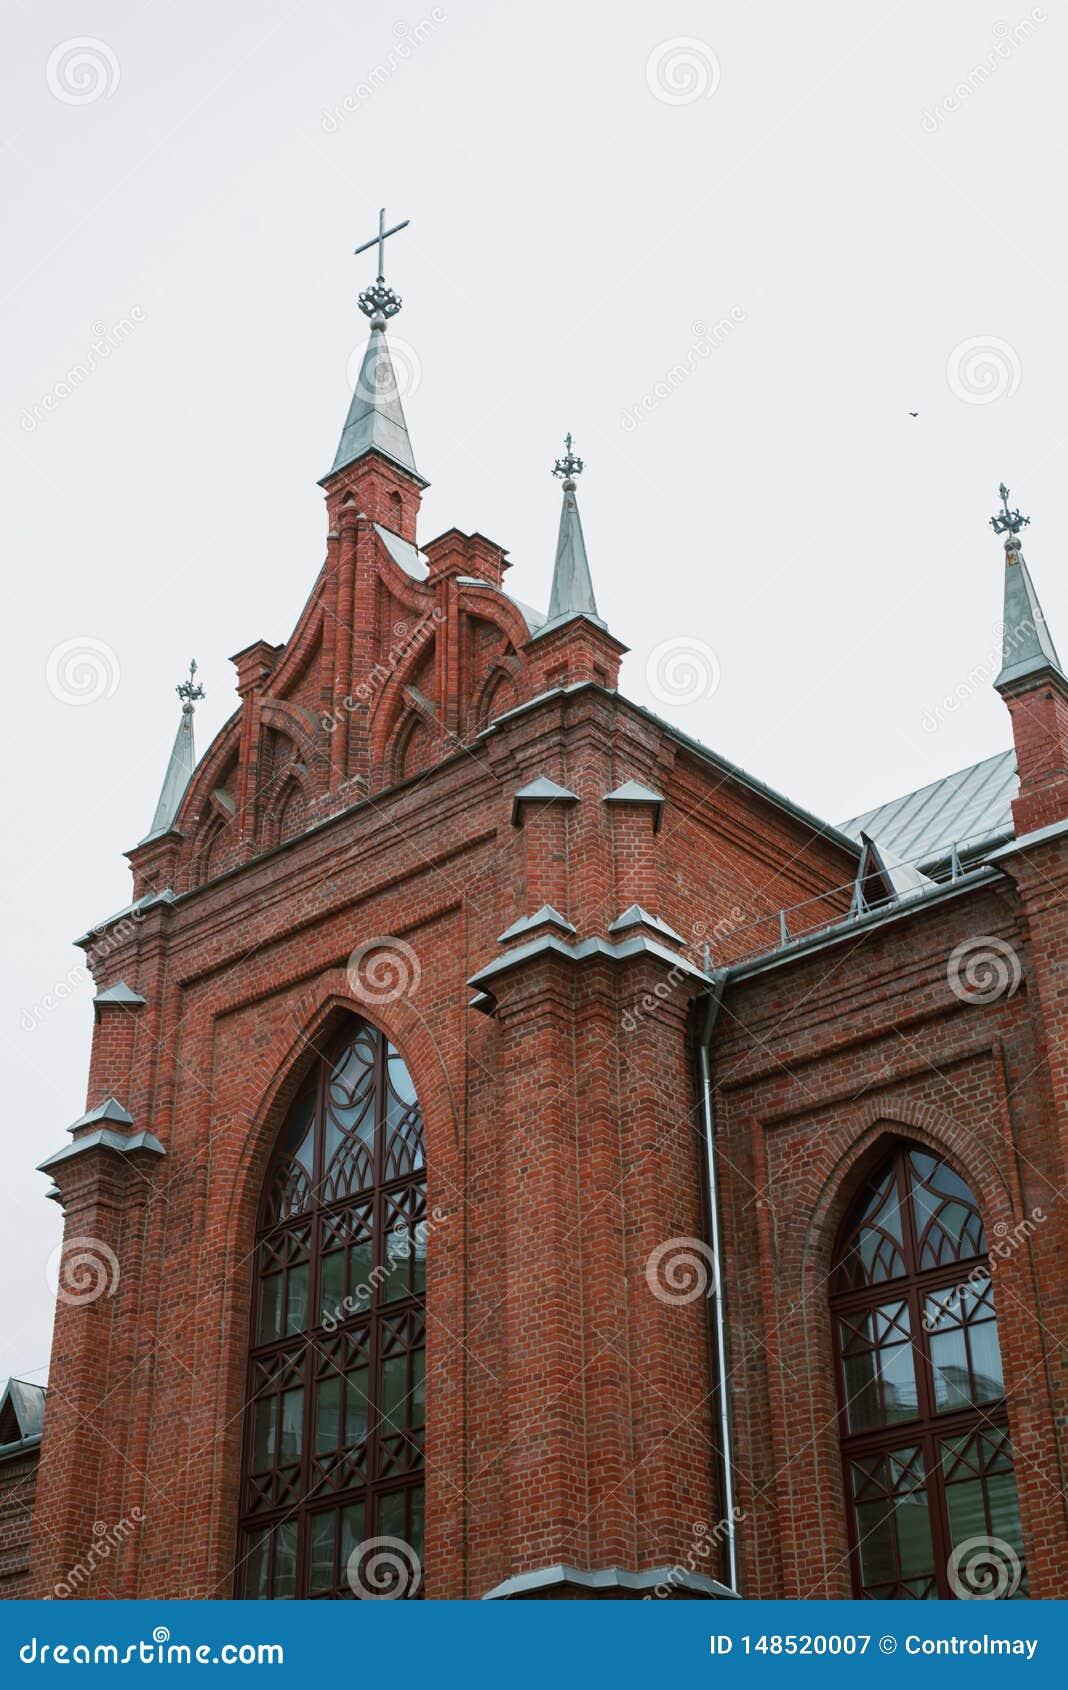 Kyrkan är av röd tegelsten, med kors och tunna fönster